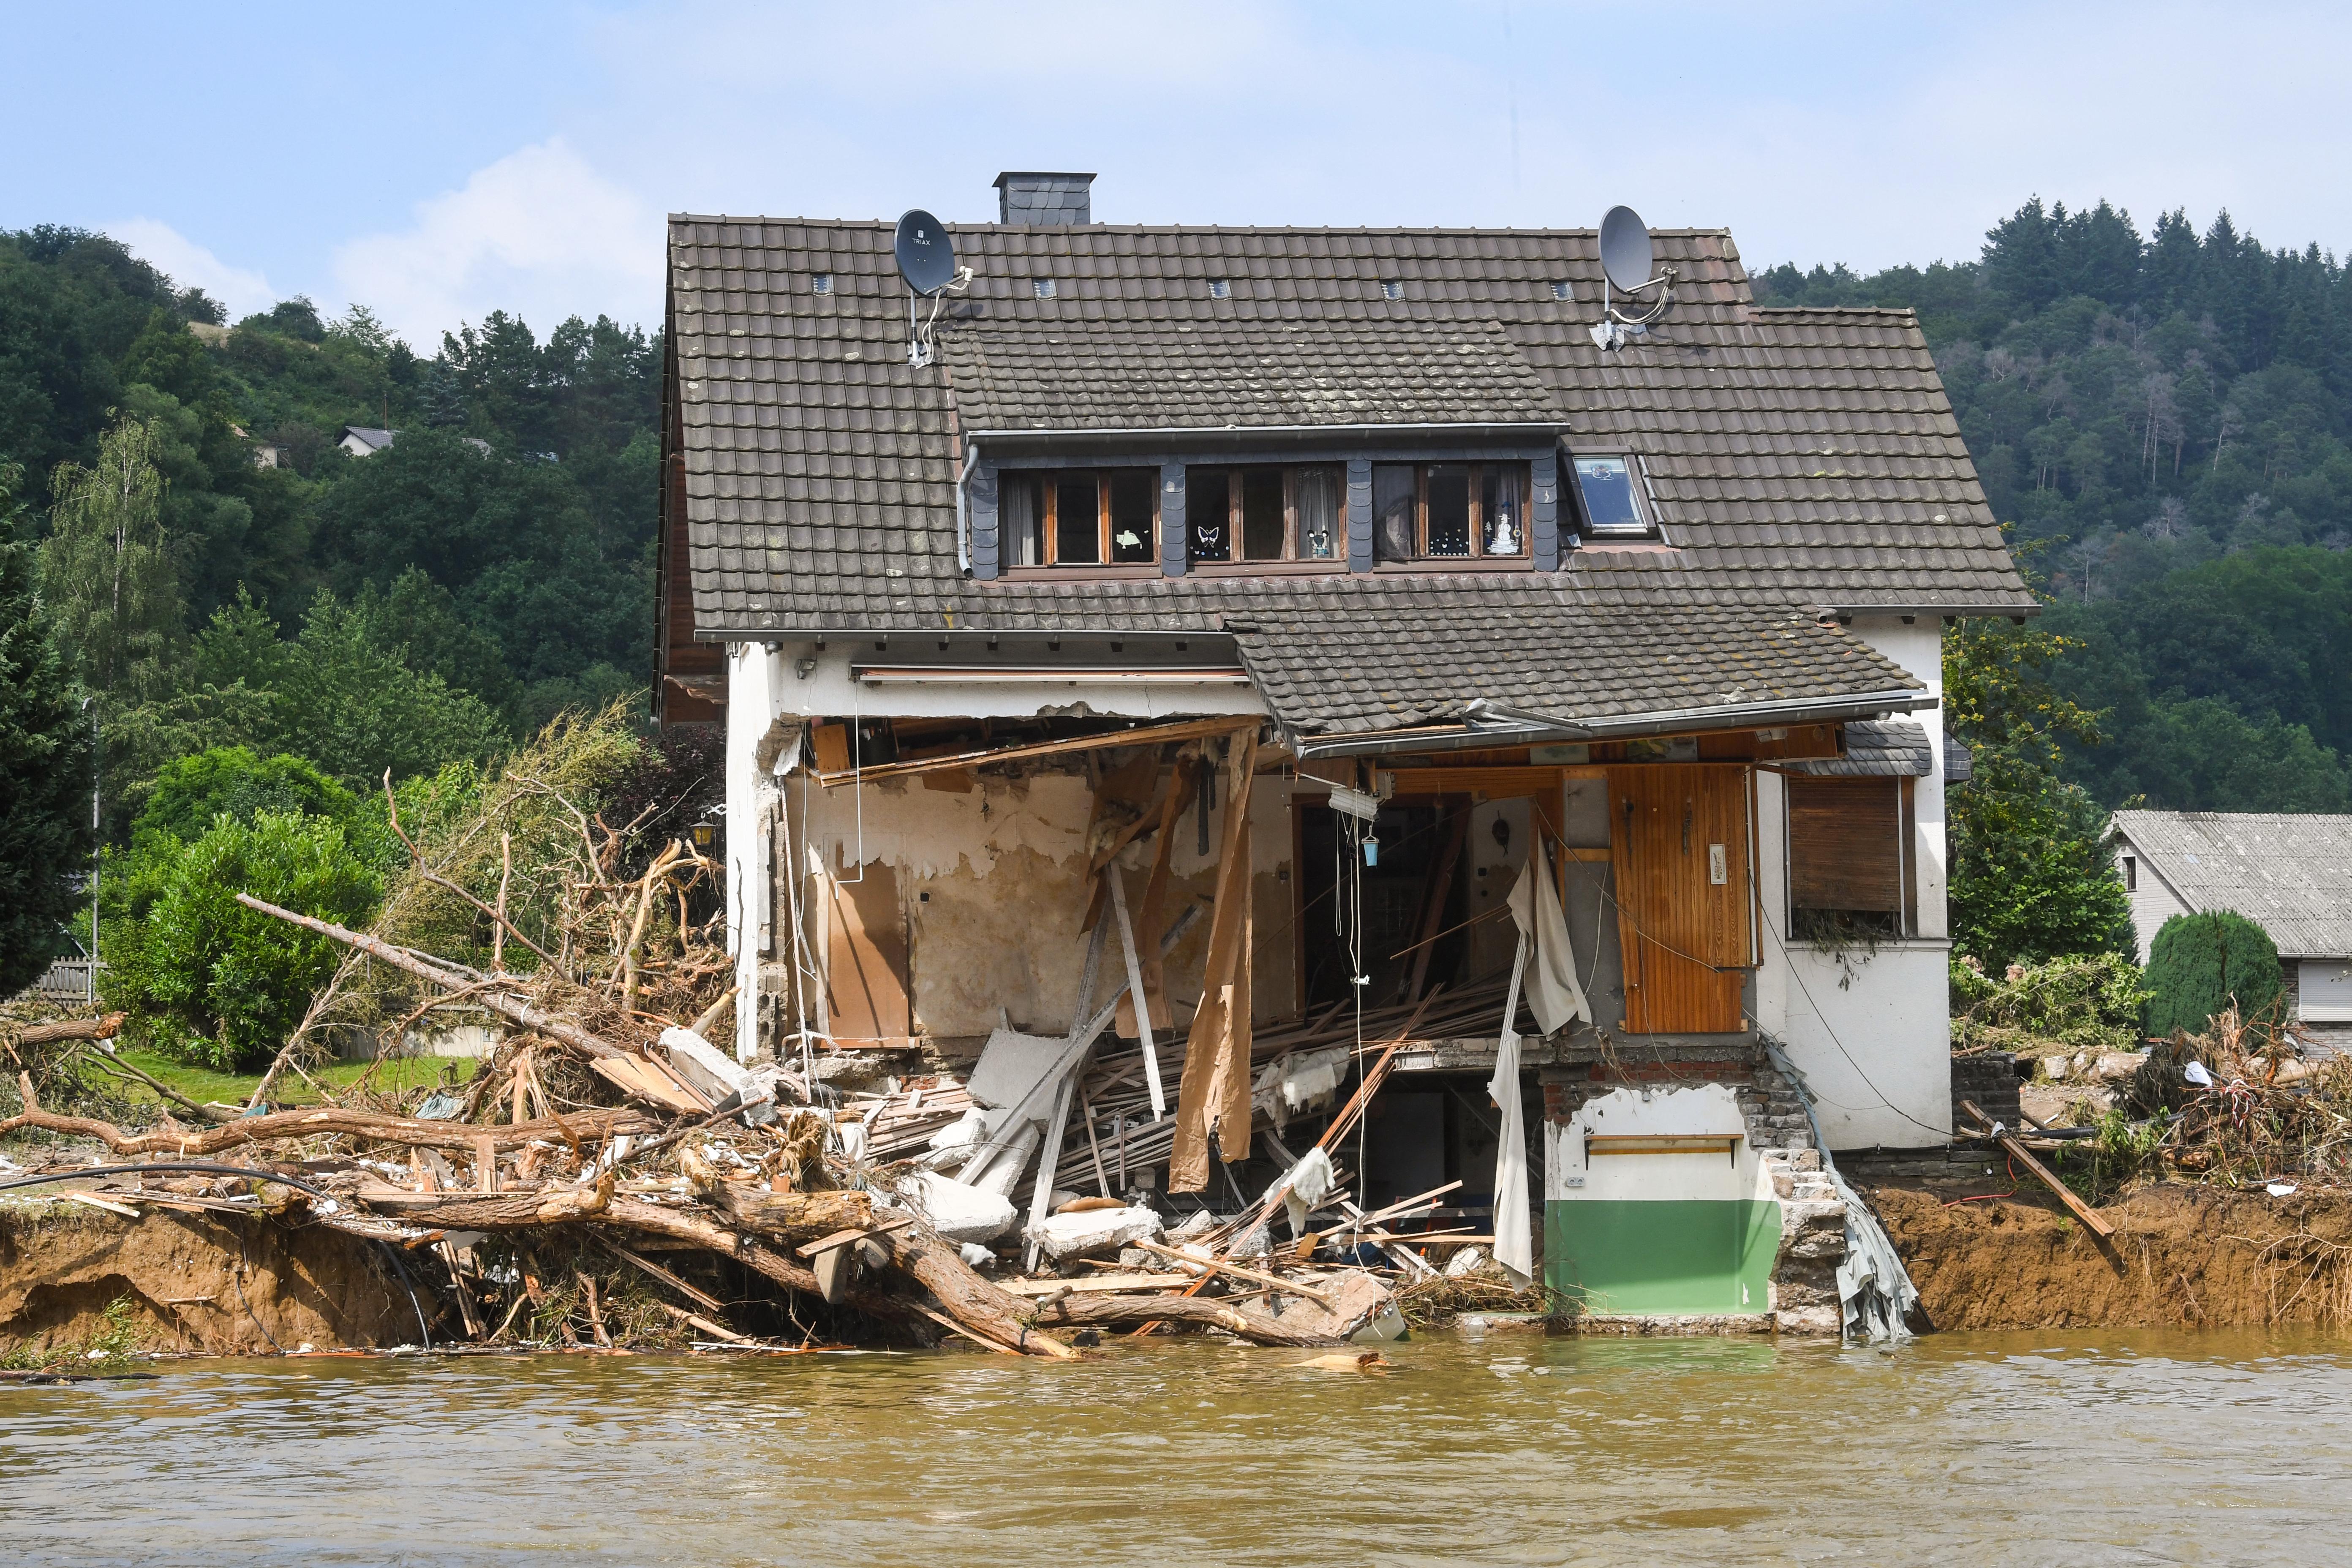 यूरोप में लोग शौकिया तौर पर नदियों के किनारे लकड़ी के घर बनवाते हैं। ऐसे घरों को भारी नुकसान पहुंचा है।